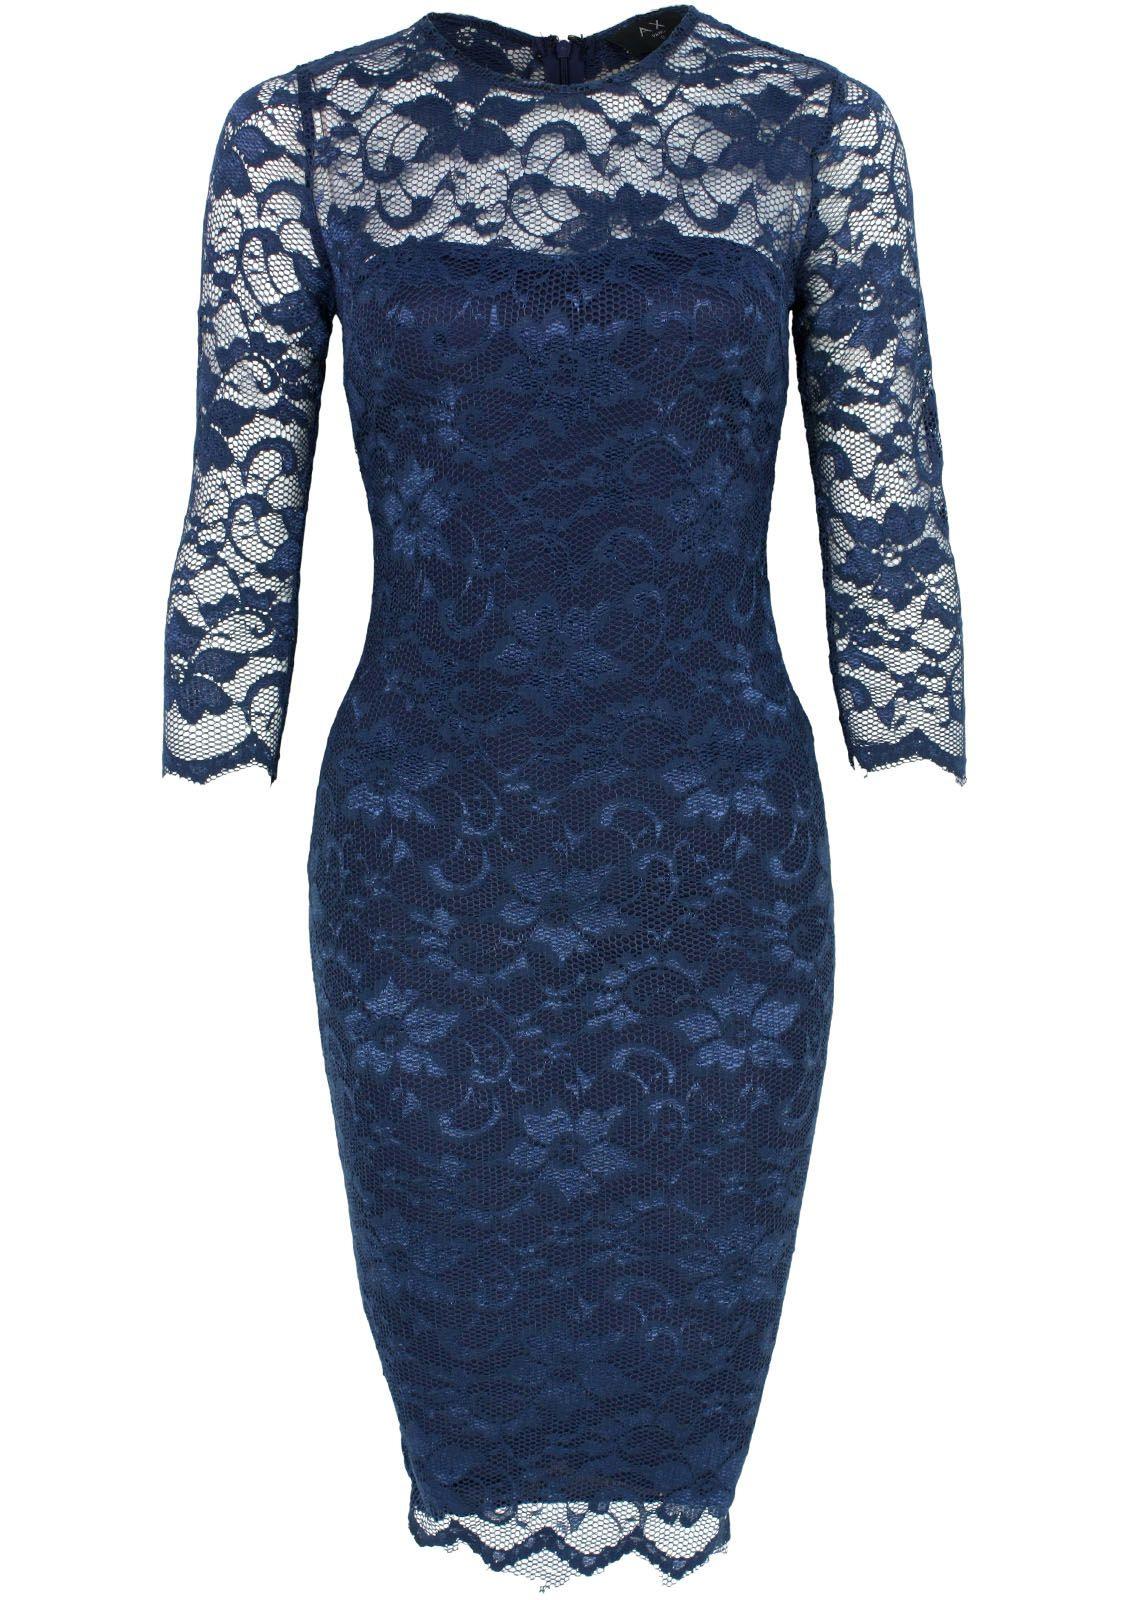 Designer Erstaunlich Spitzenkleid Blau Vertrieb20 Einzigartig Spitzenkleid Blau Design